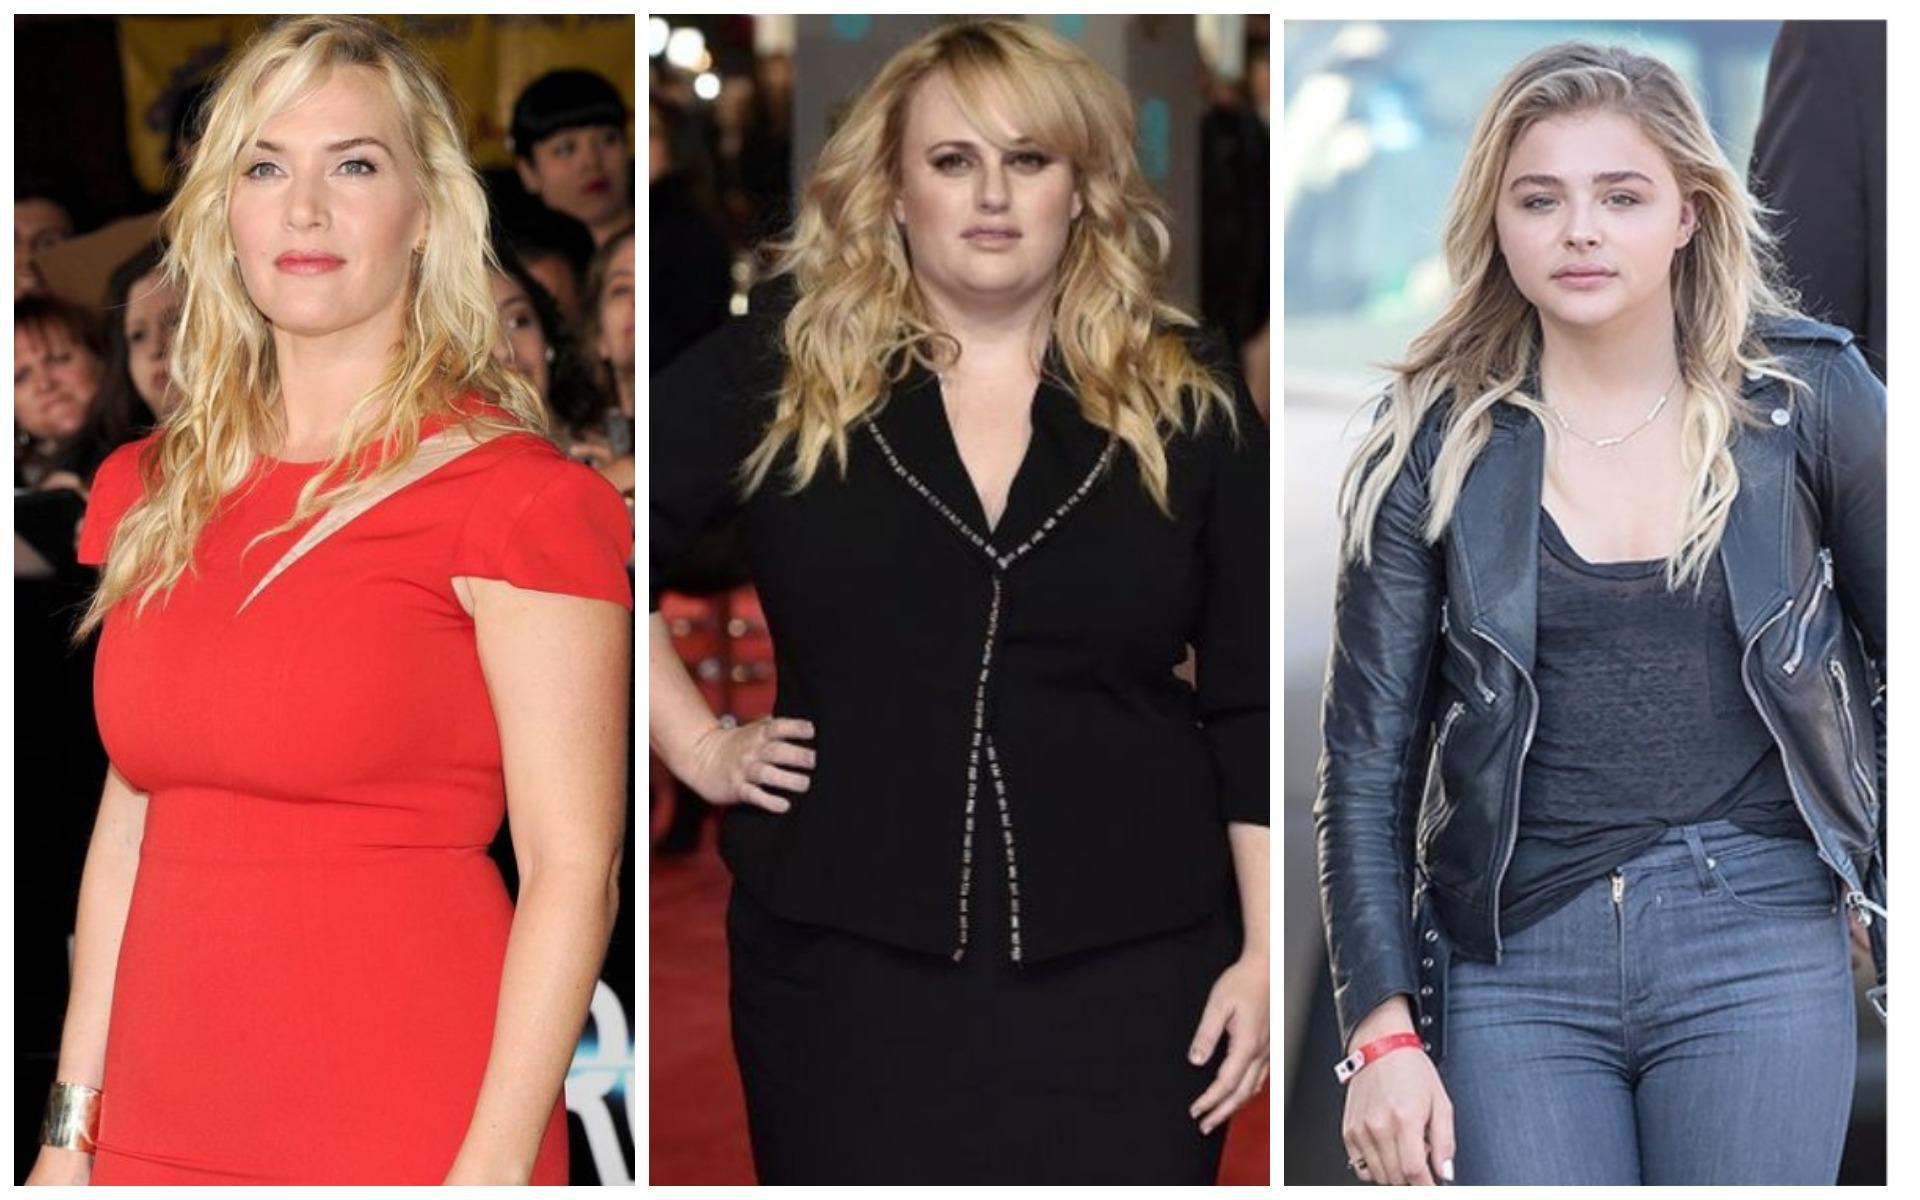 Лишний вес делает заметно старше актрис Кейт Уинслет, Ребел Уилсон и Хлою Морец